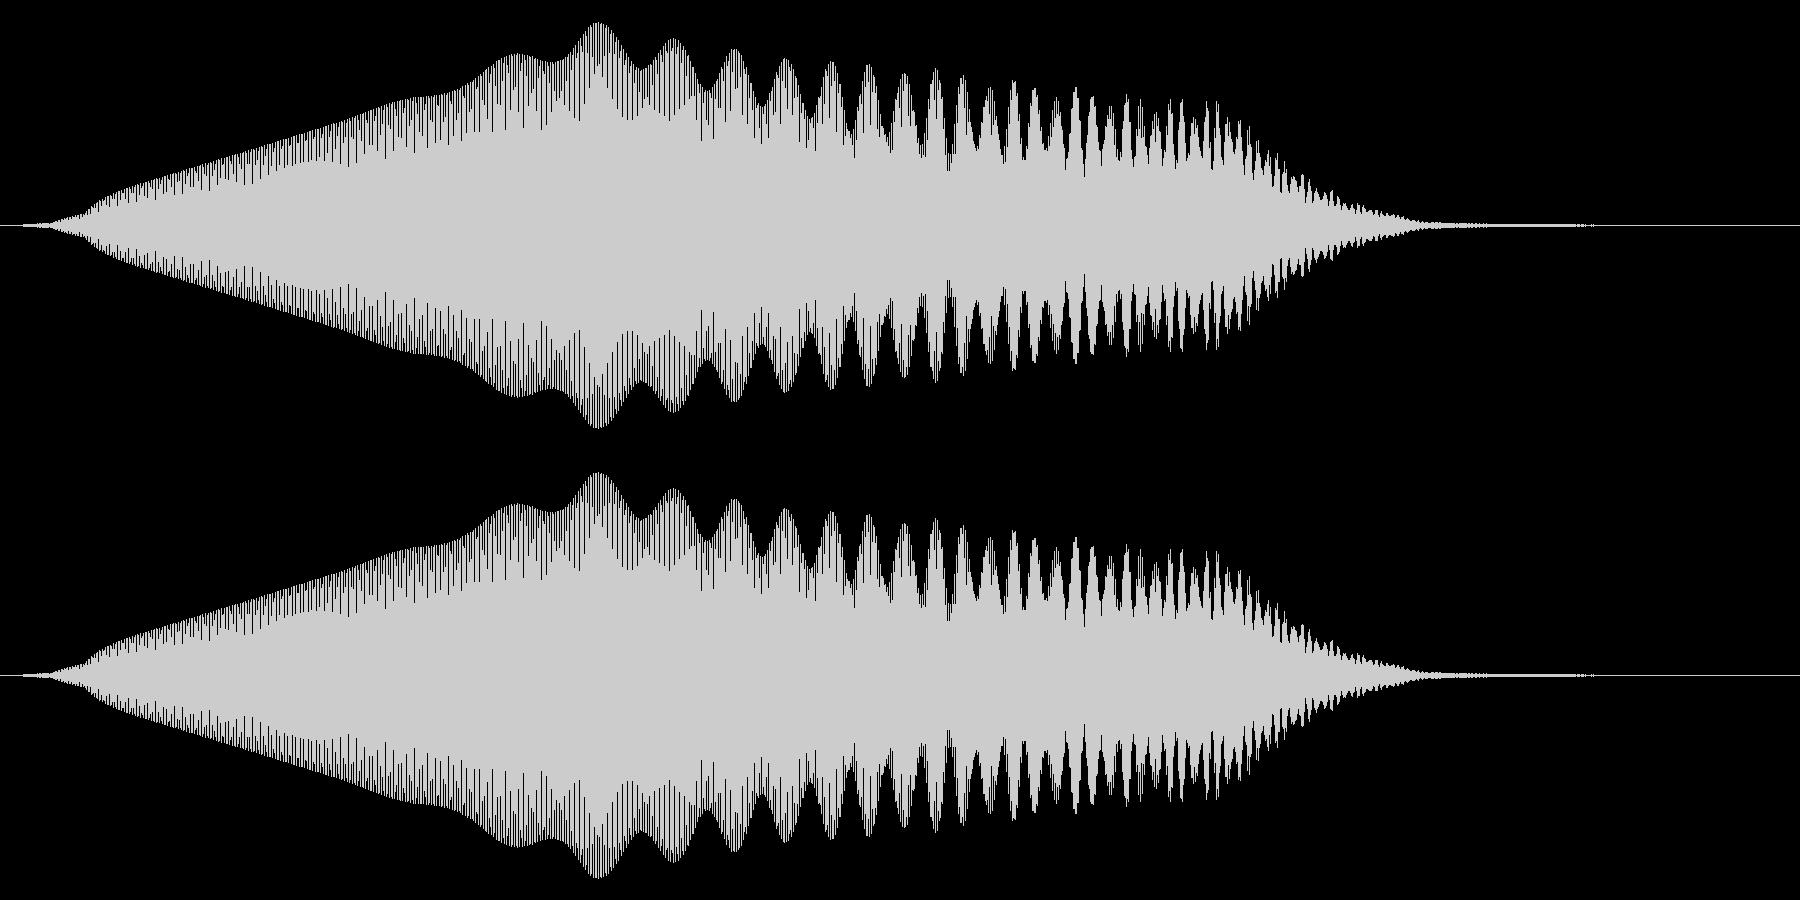 「ぷゎー」「ぽぃー」などの擬音です。「…の未再生の波形